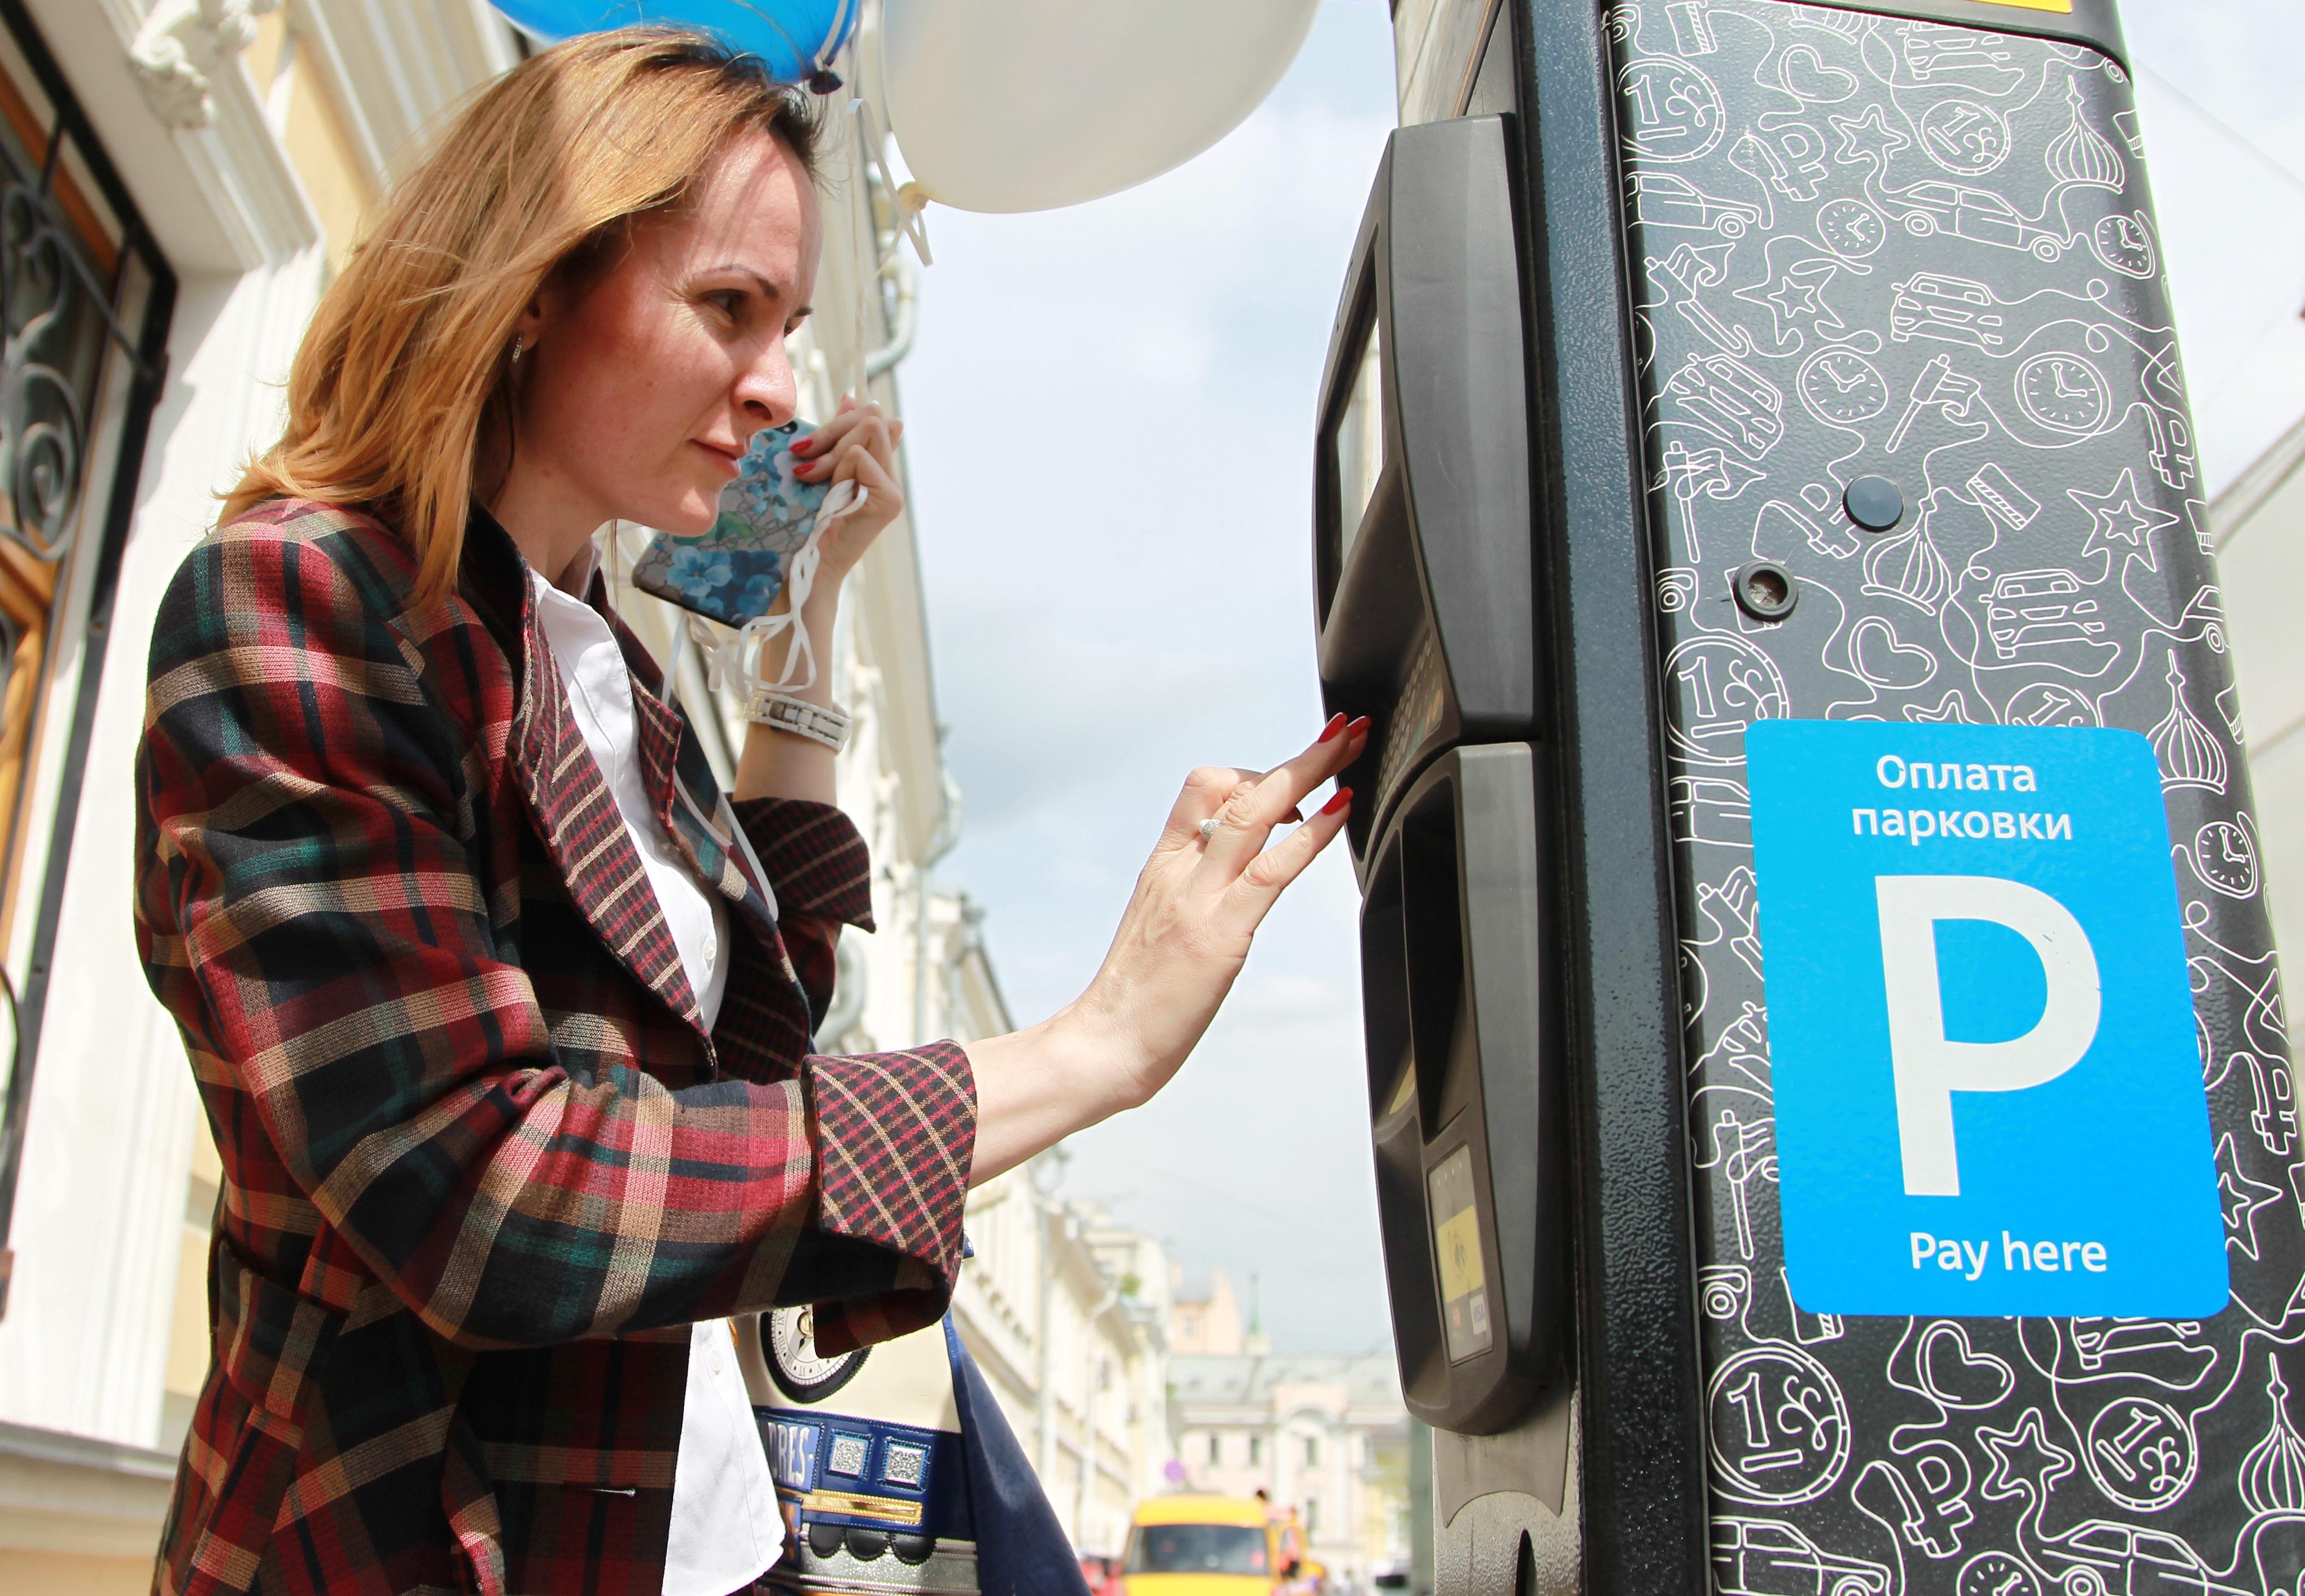 Москва благоустроила десятки дворов за счет платных парковок